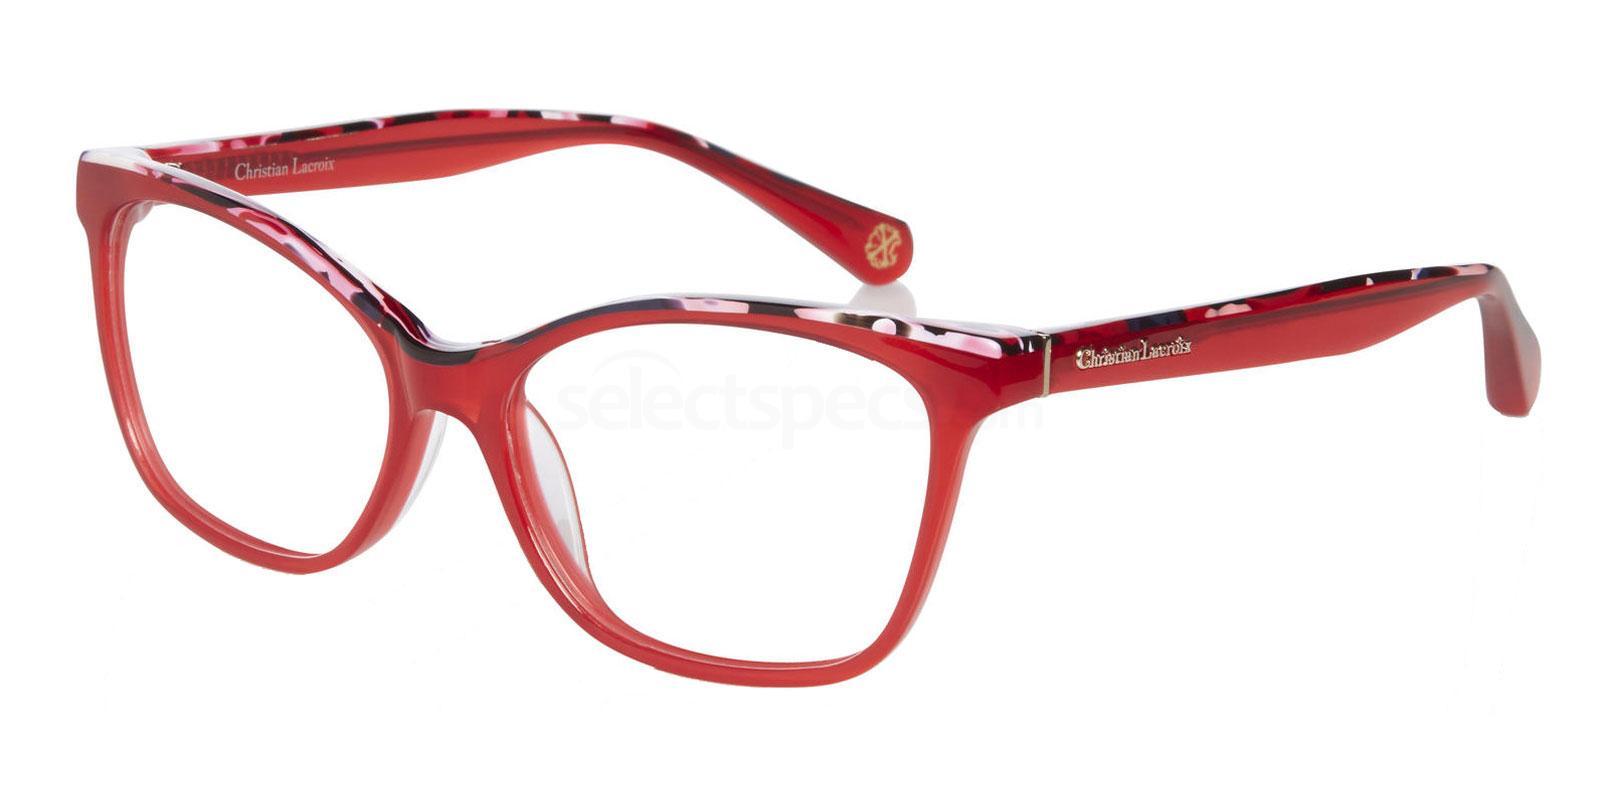 277 CL1064 Glasses, Christian Lacroix